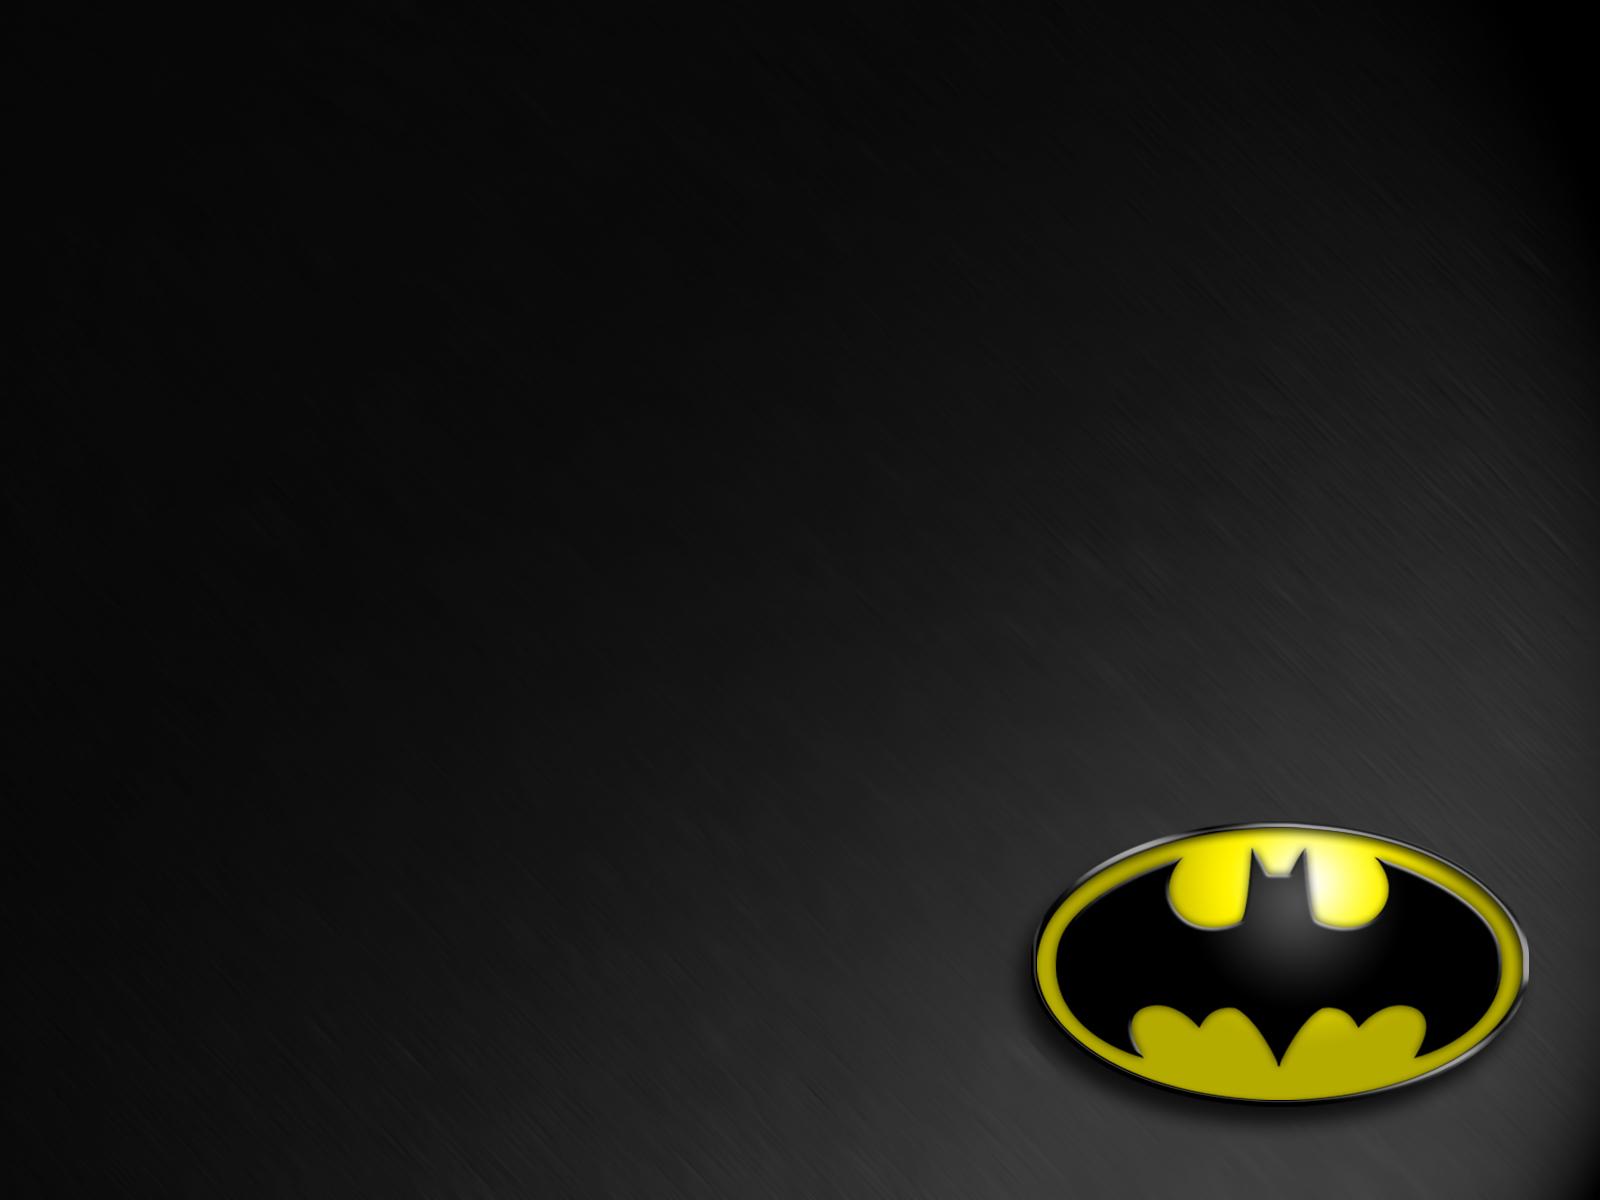 Wallpaper Abyss Explore the Collection Batman Comics Batman 275547 1600x1200